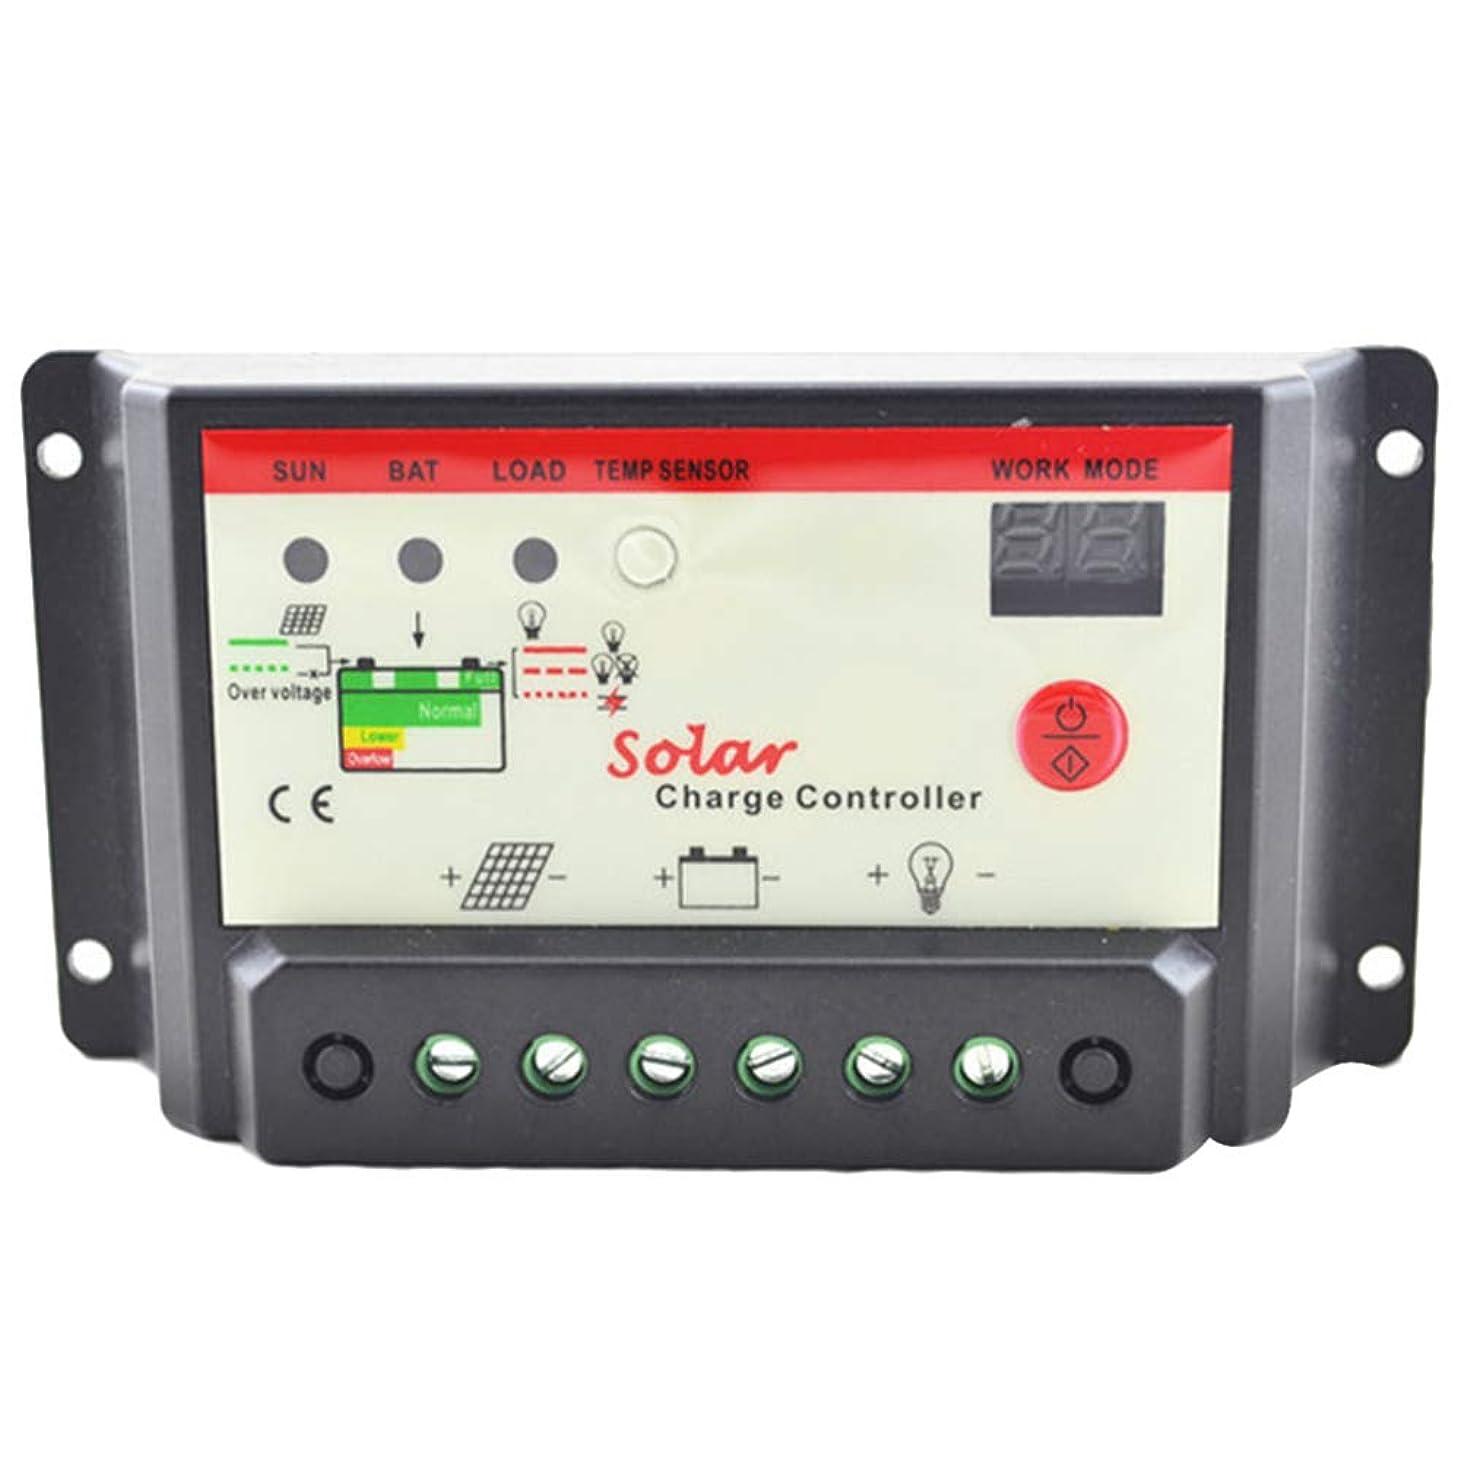 相談代わりにお世話になったGarneck ソーラーパネル充電コントローラーLEDスクリーンソーラーレギュレータコントローラーソーラージェネレーター(屋外用)(20A黒)